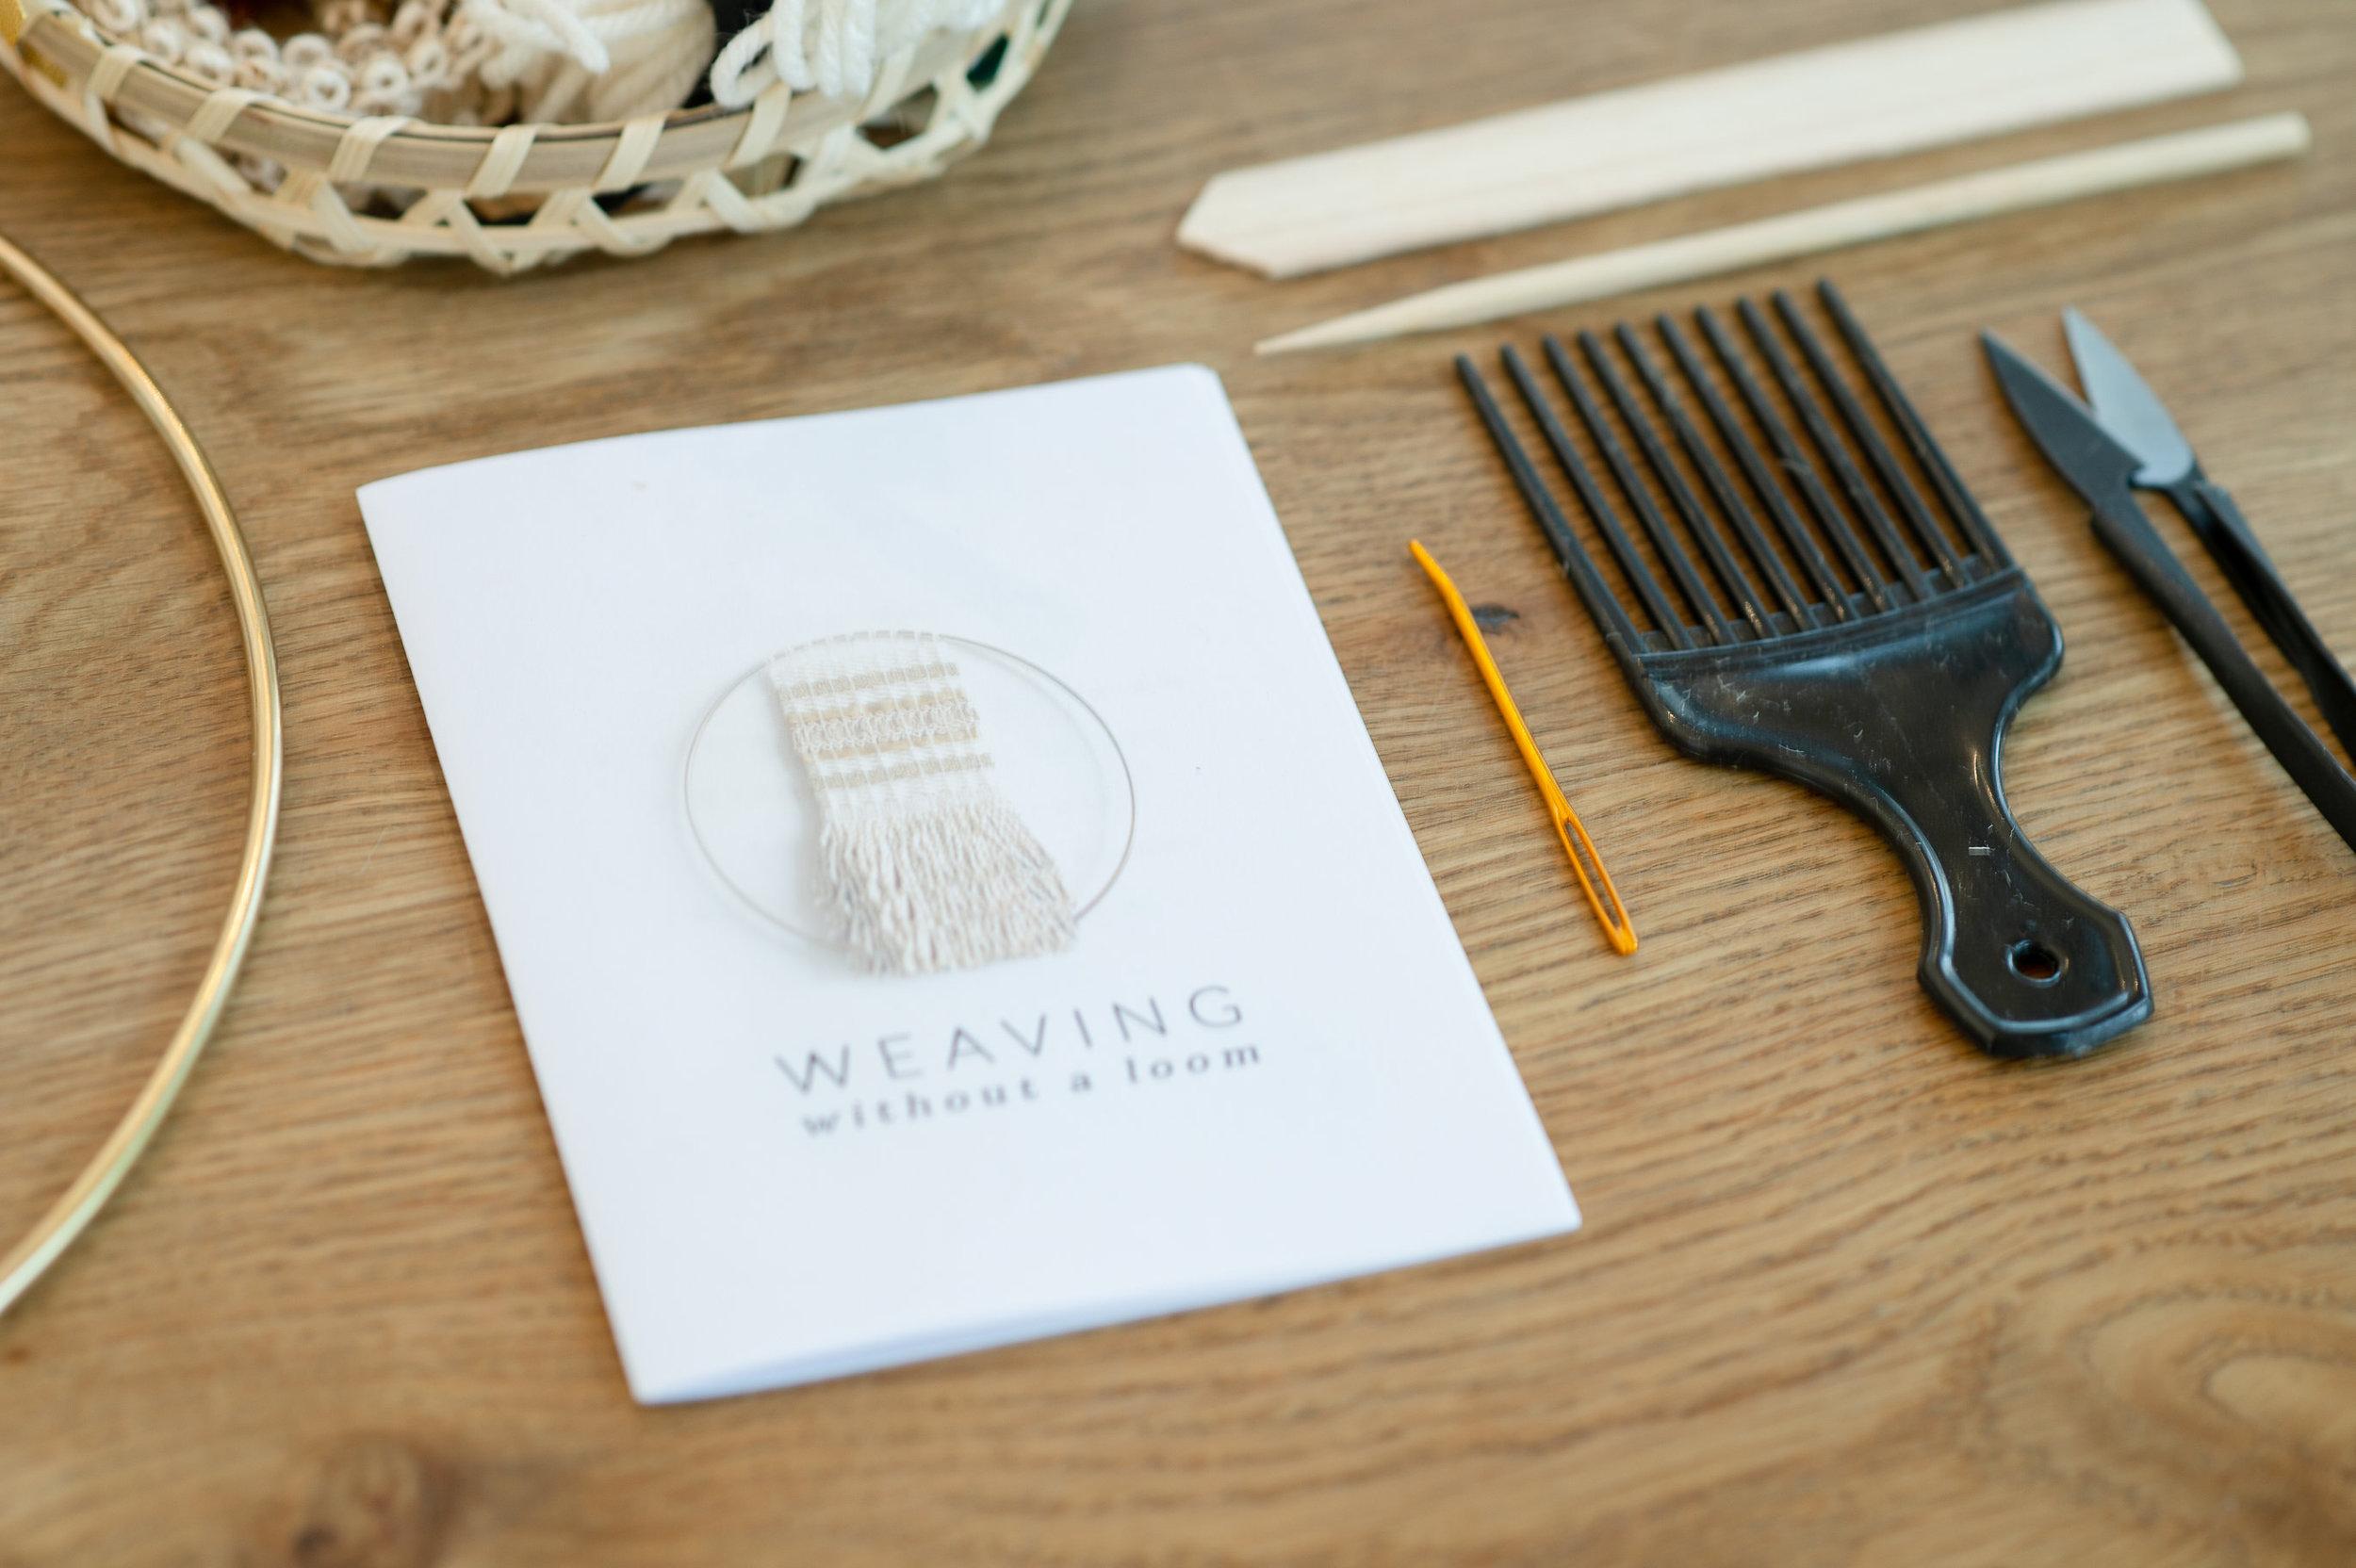 062118_WW_Weaving-7.jpg